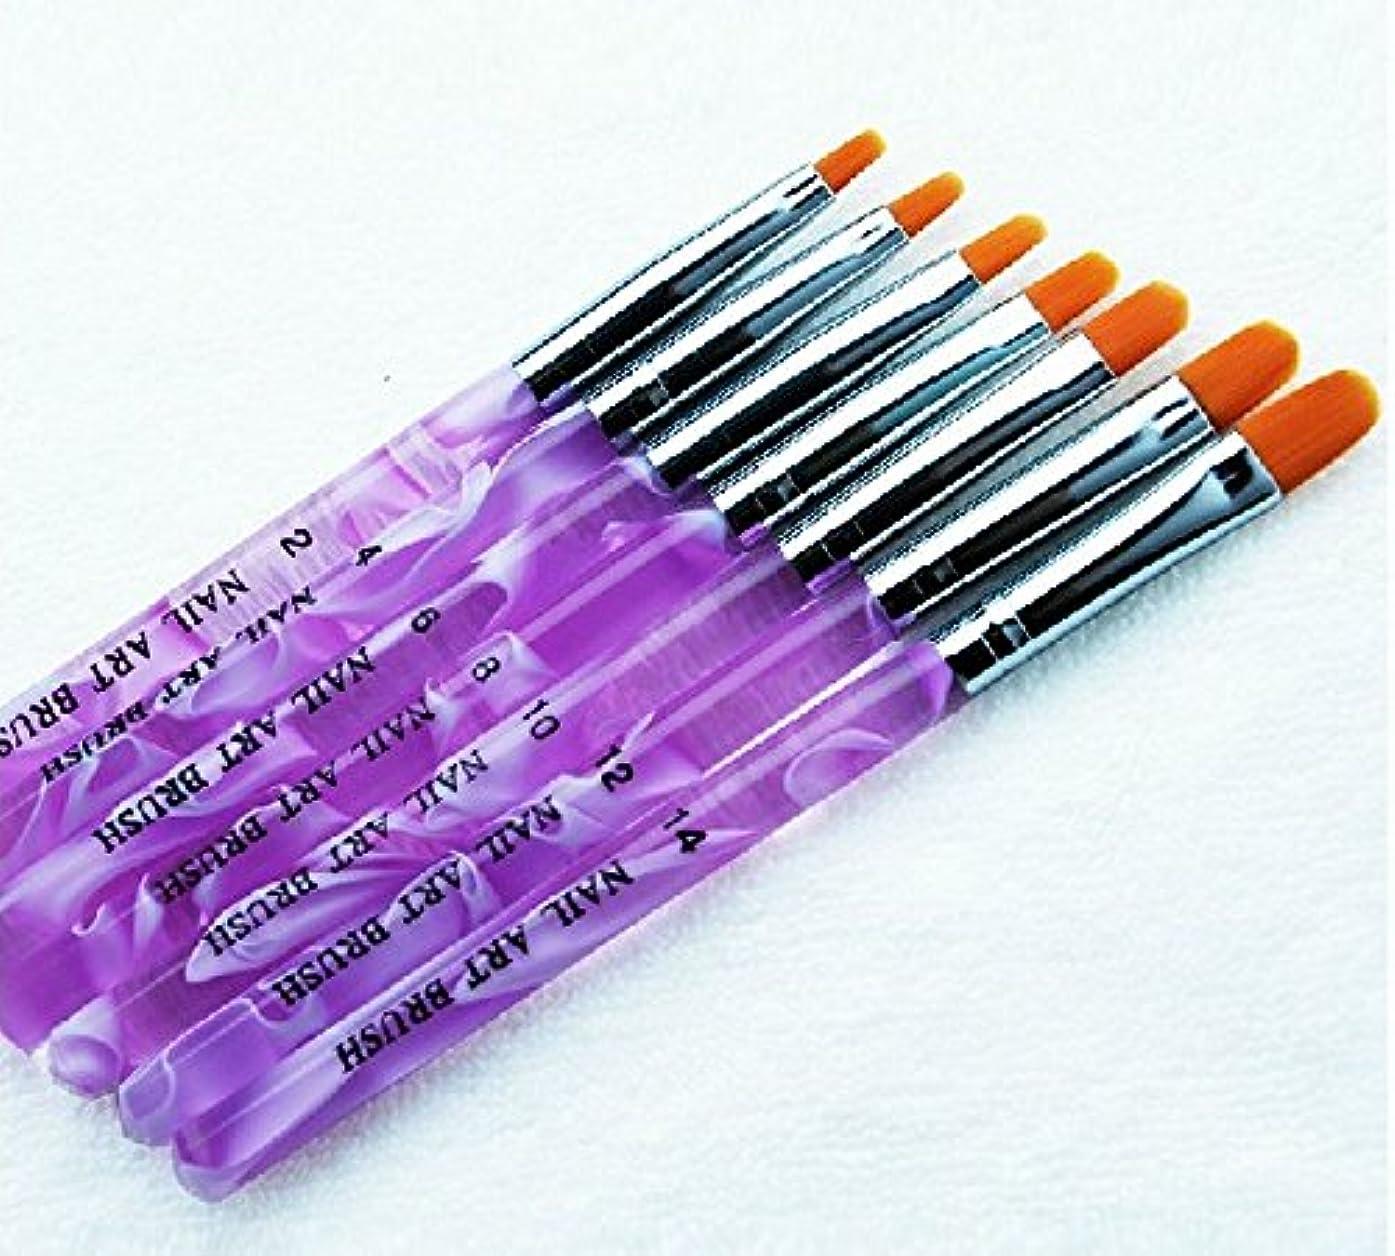 平衡いつも申請中POT ジェル ネイルブラシ 7本セット UV用 ジェルブラシ 平筆ブラシ 使い分けに ナンバー 印字 入り